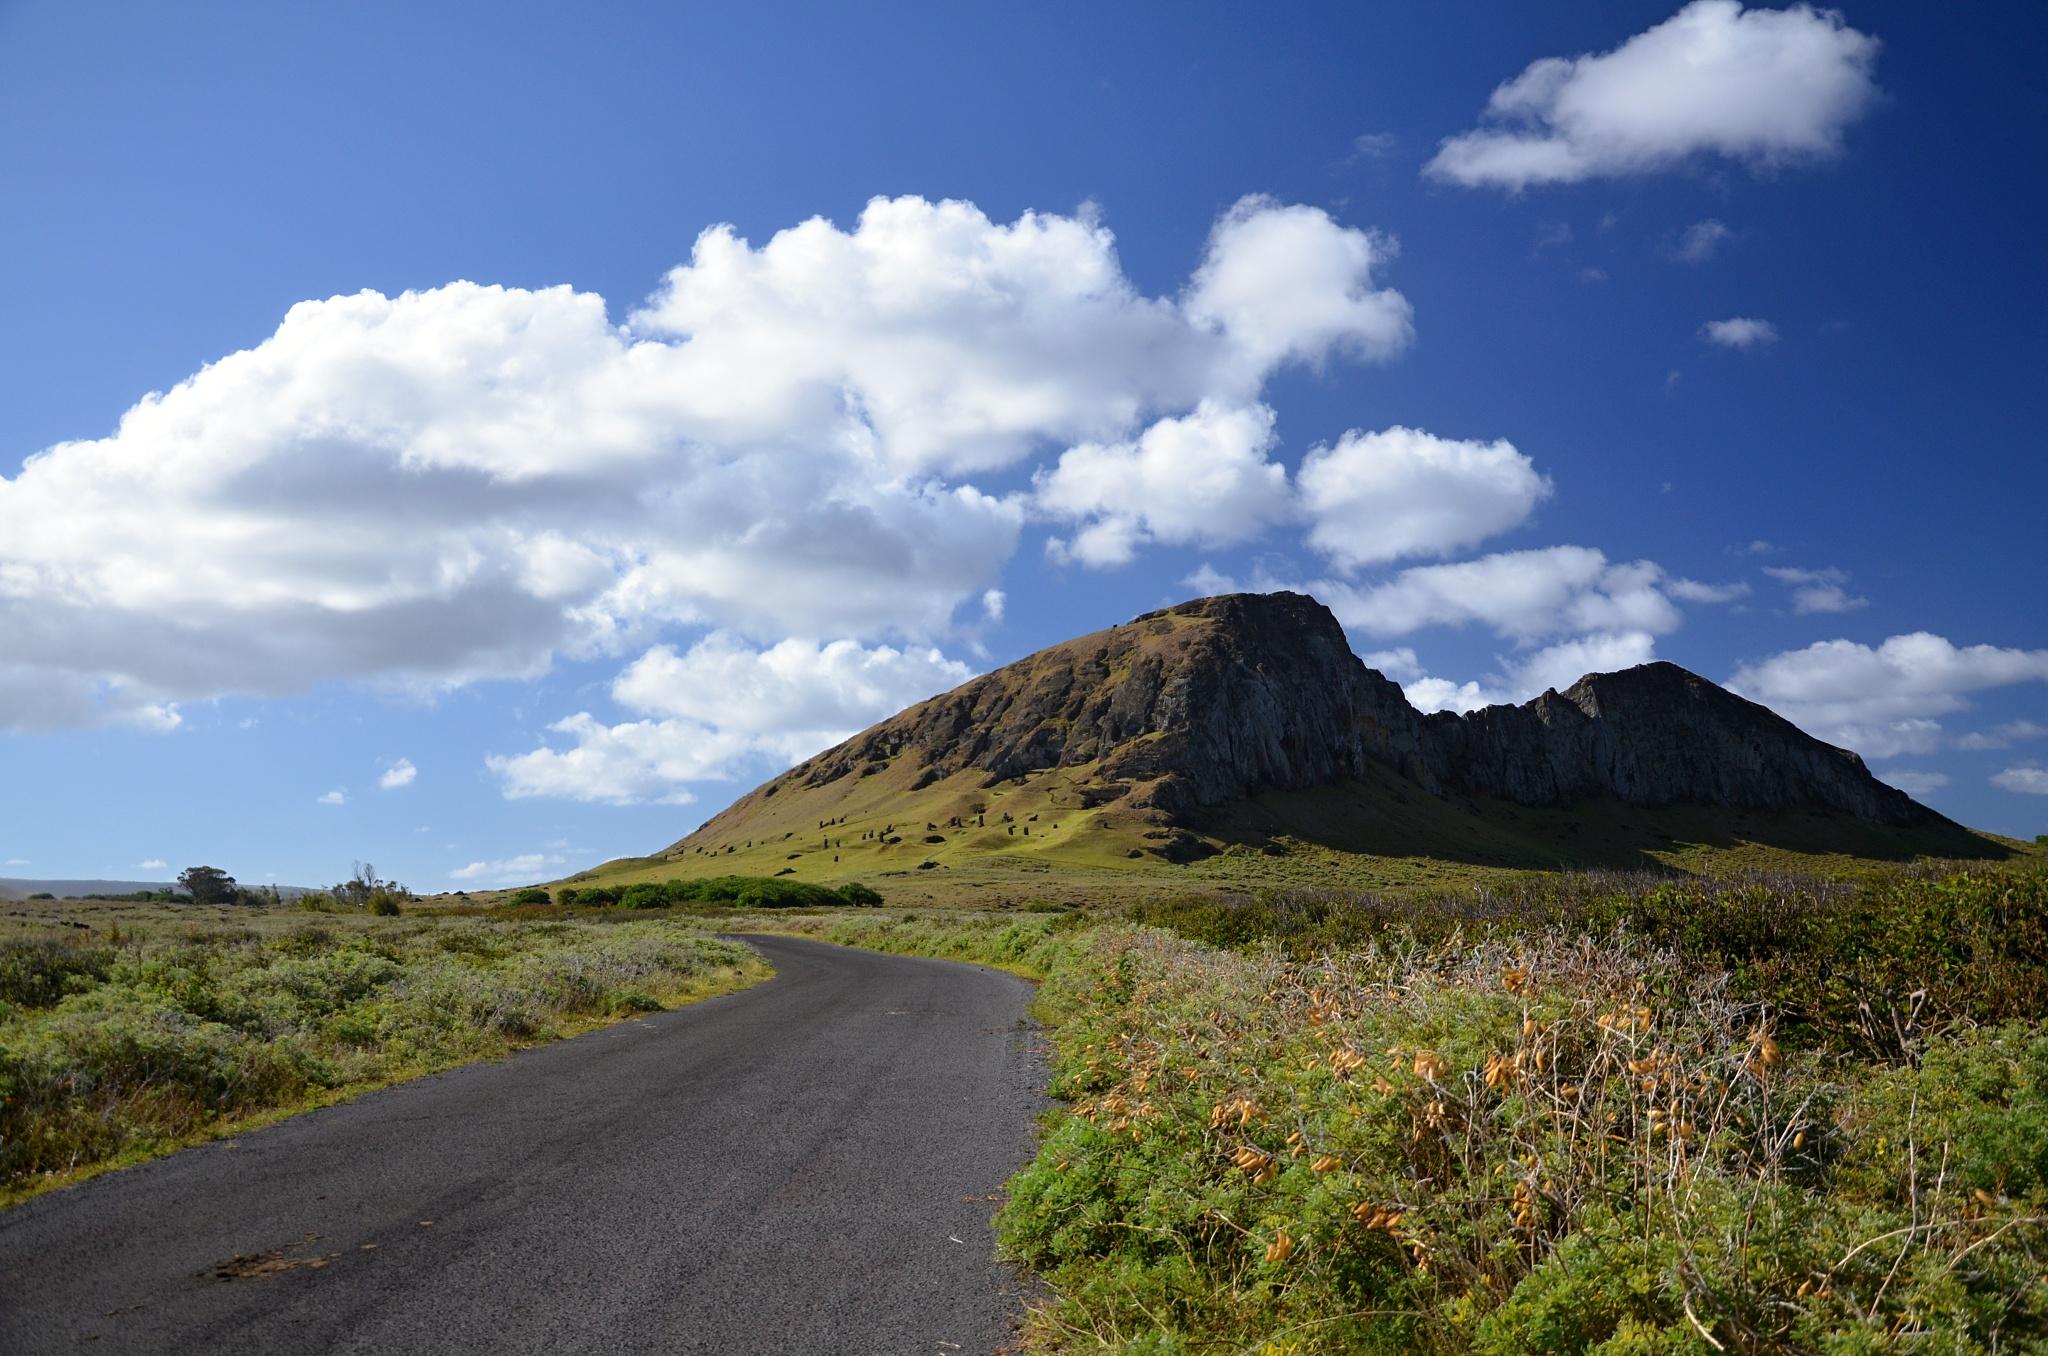 Jedeme do továrny na Moai na úpatí vulkán Rano Raraku